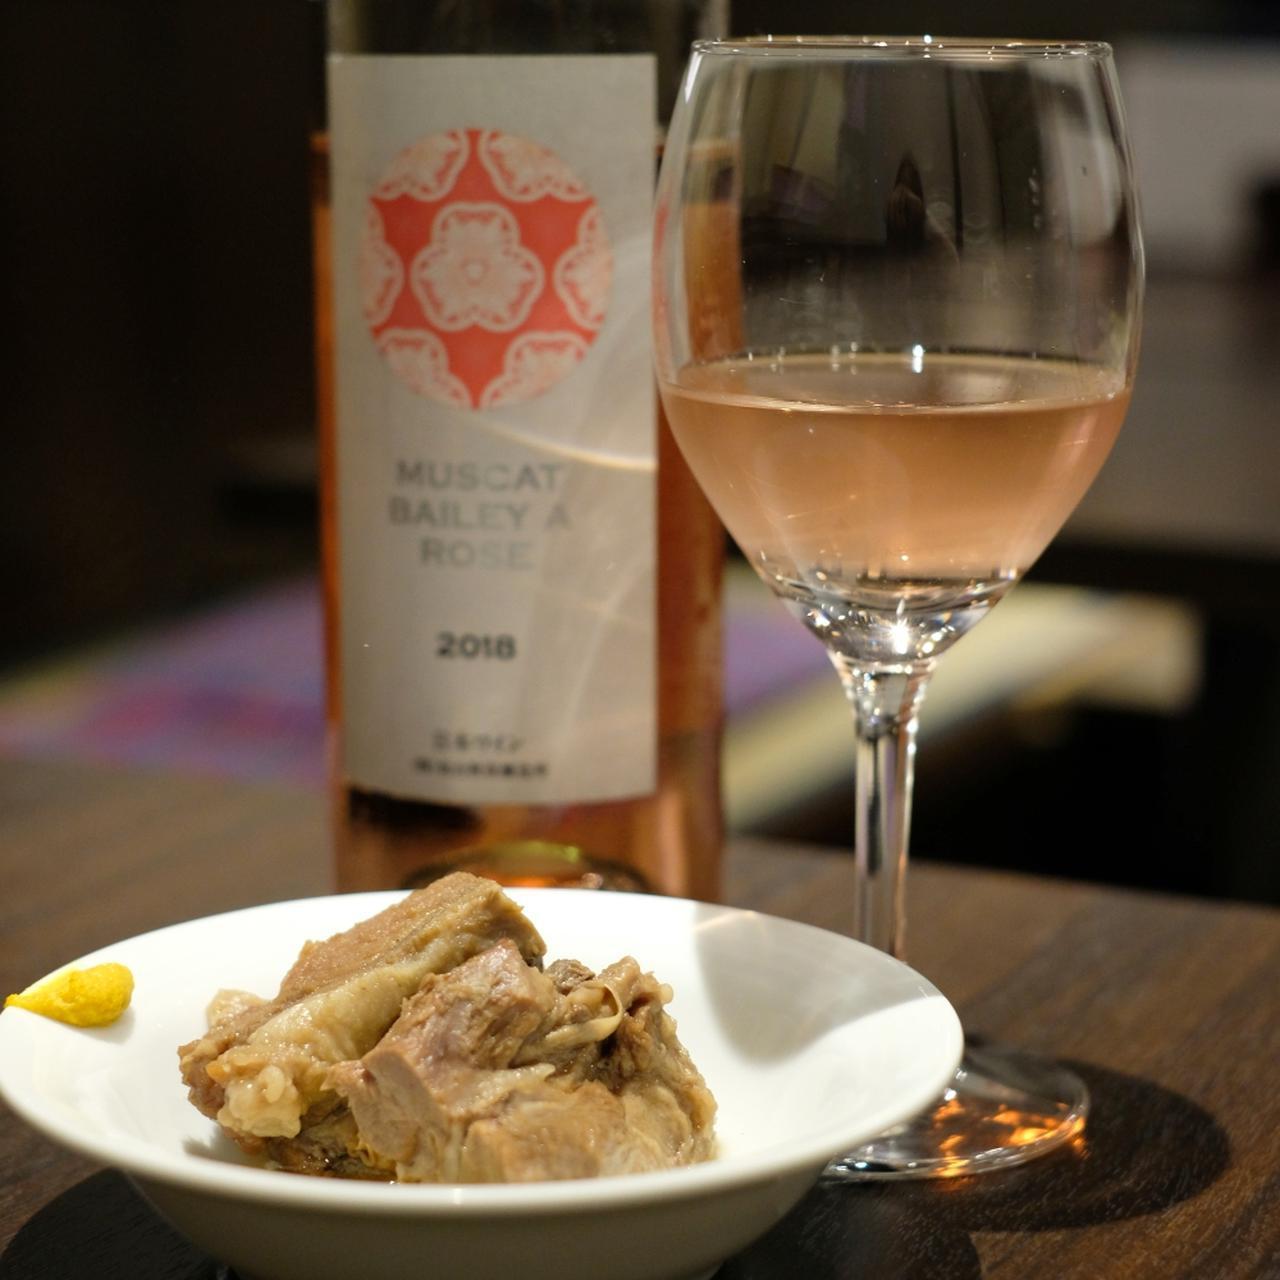 画像: お通しも牛タン料理、あっさり味の角煮。合わせるのは秋保ワイナリー「マスカット・ベーリーA」のロゼ。